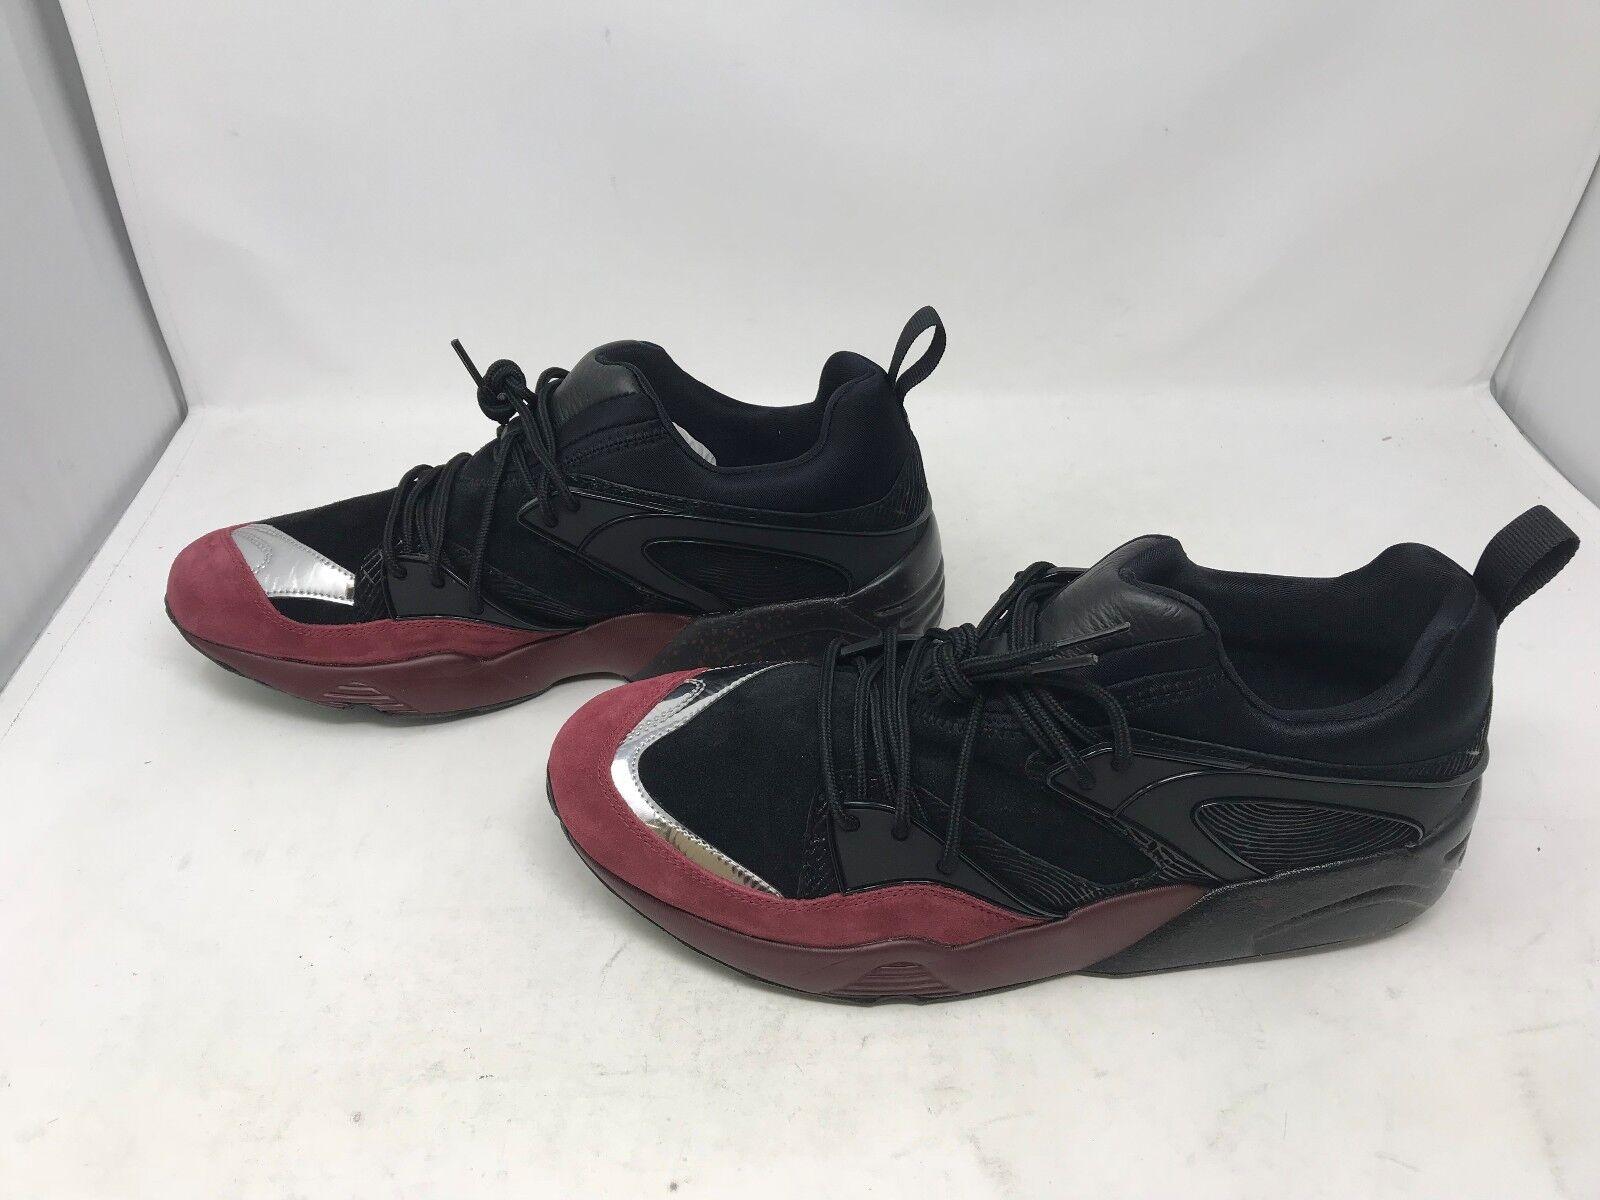 Hombre precio Puma la reducción del precio Hombre b.o.g og Halloween zapatillas reducción de precio 811c3f